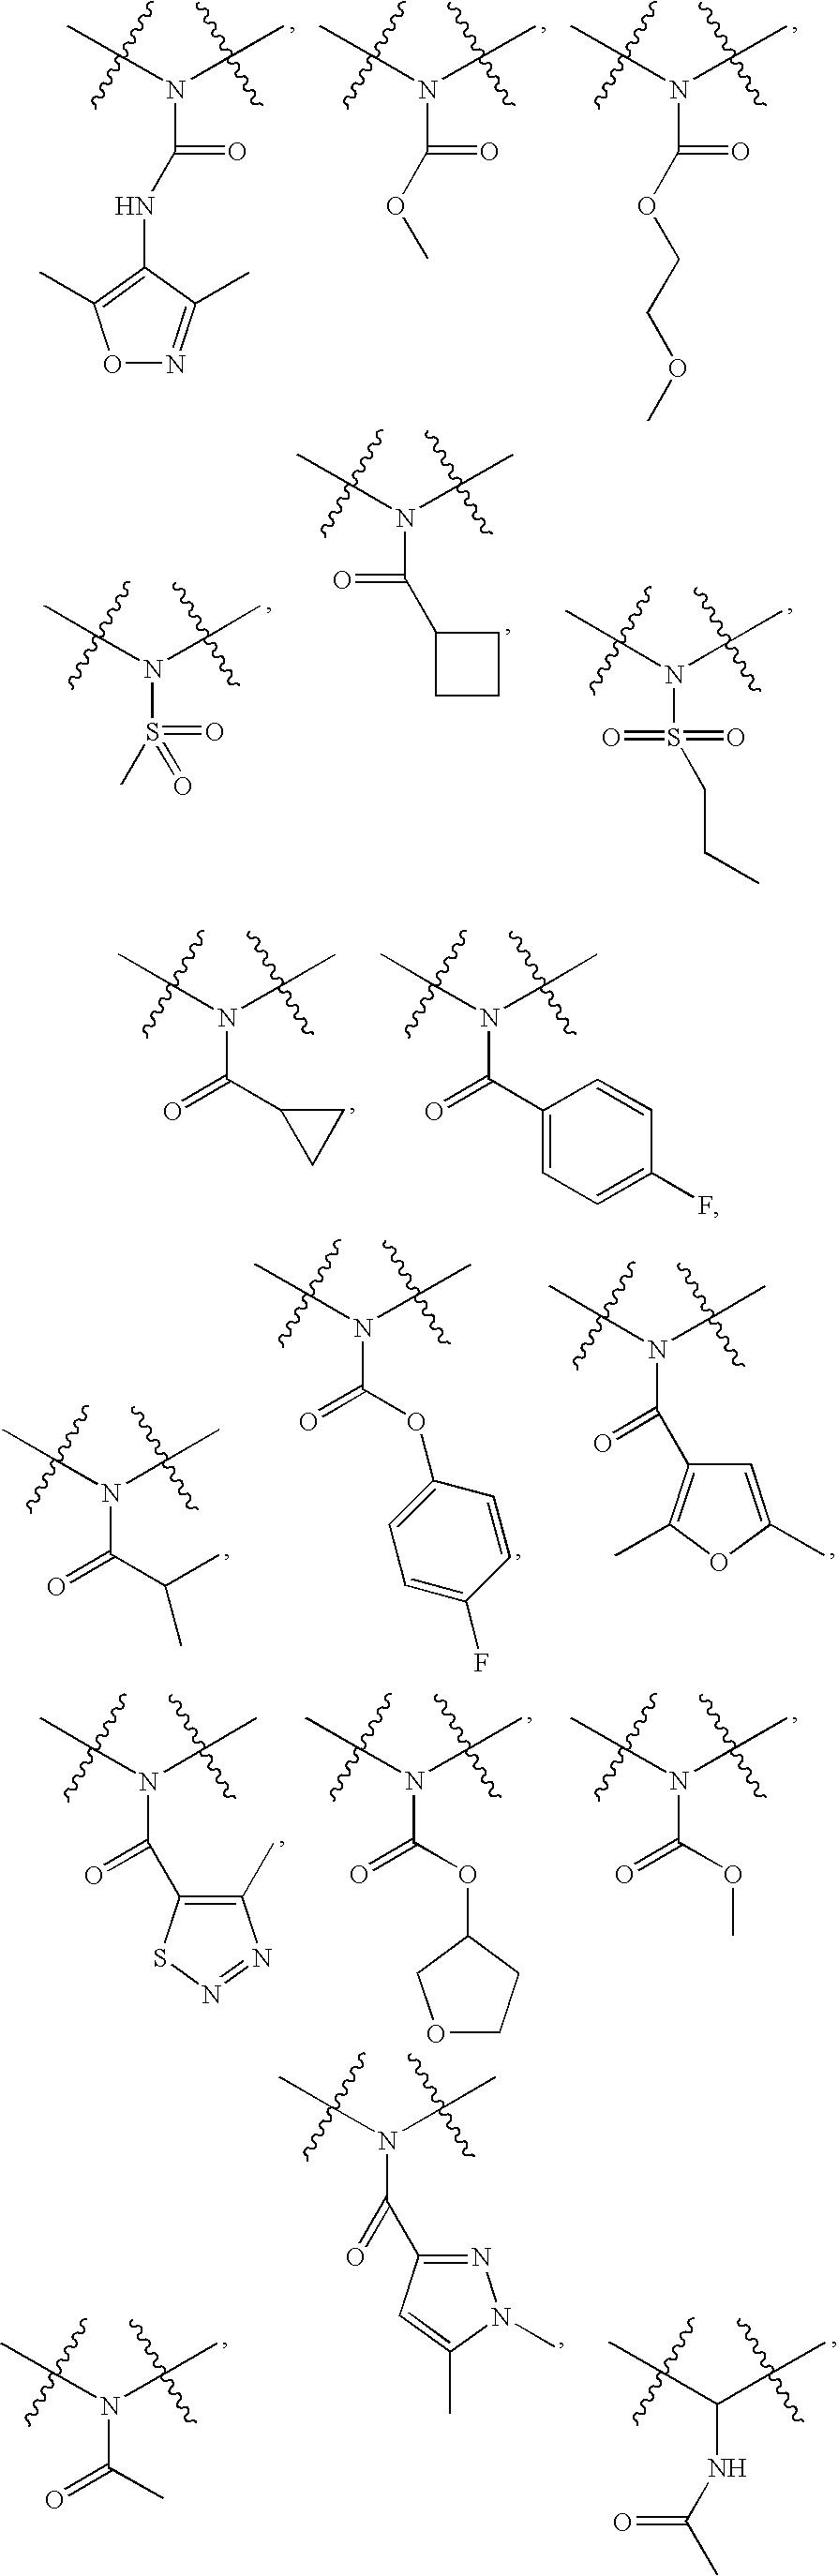 Figure US20070043023A1-20070222-C00018